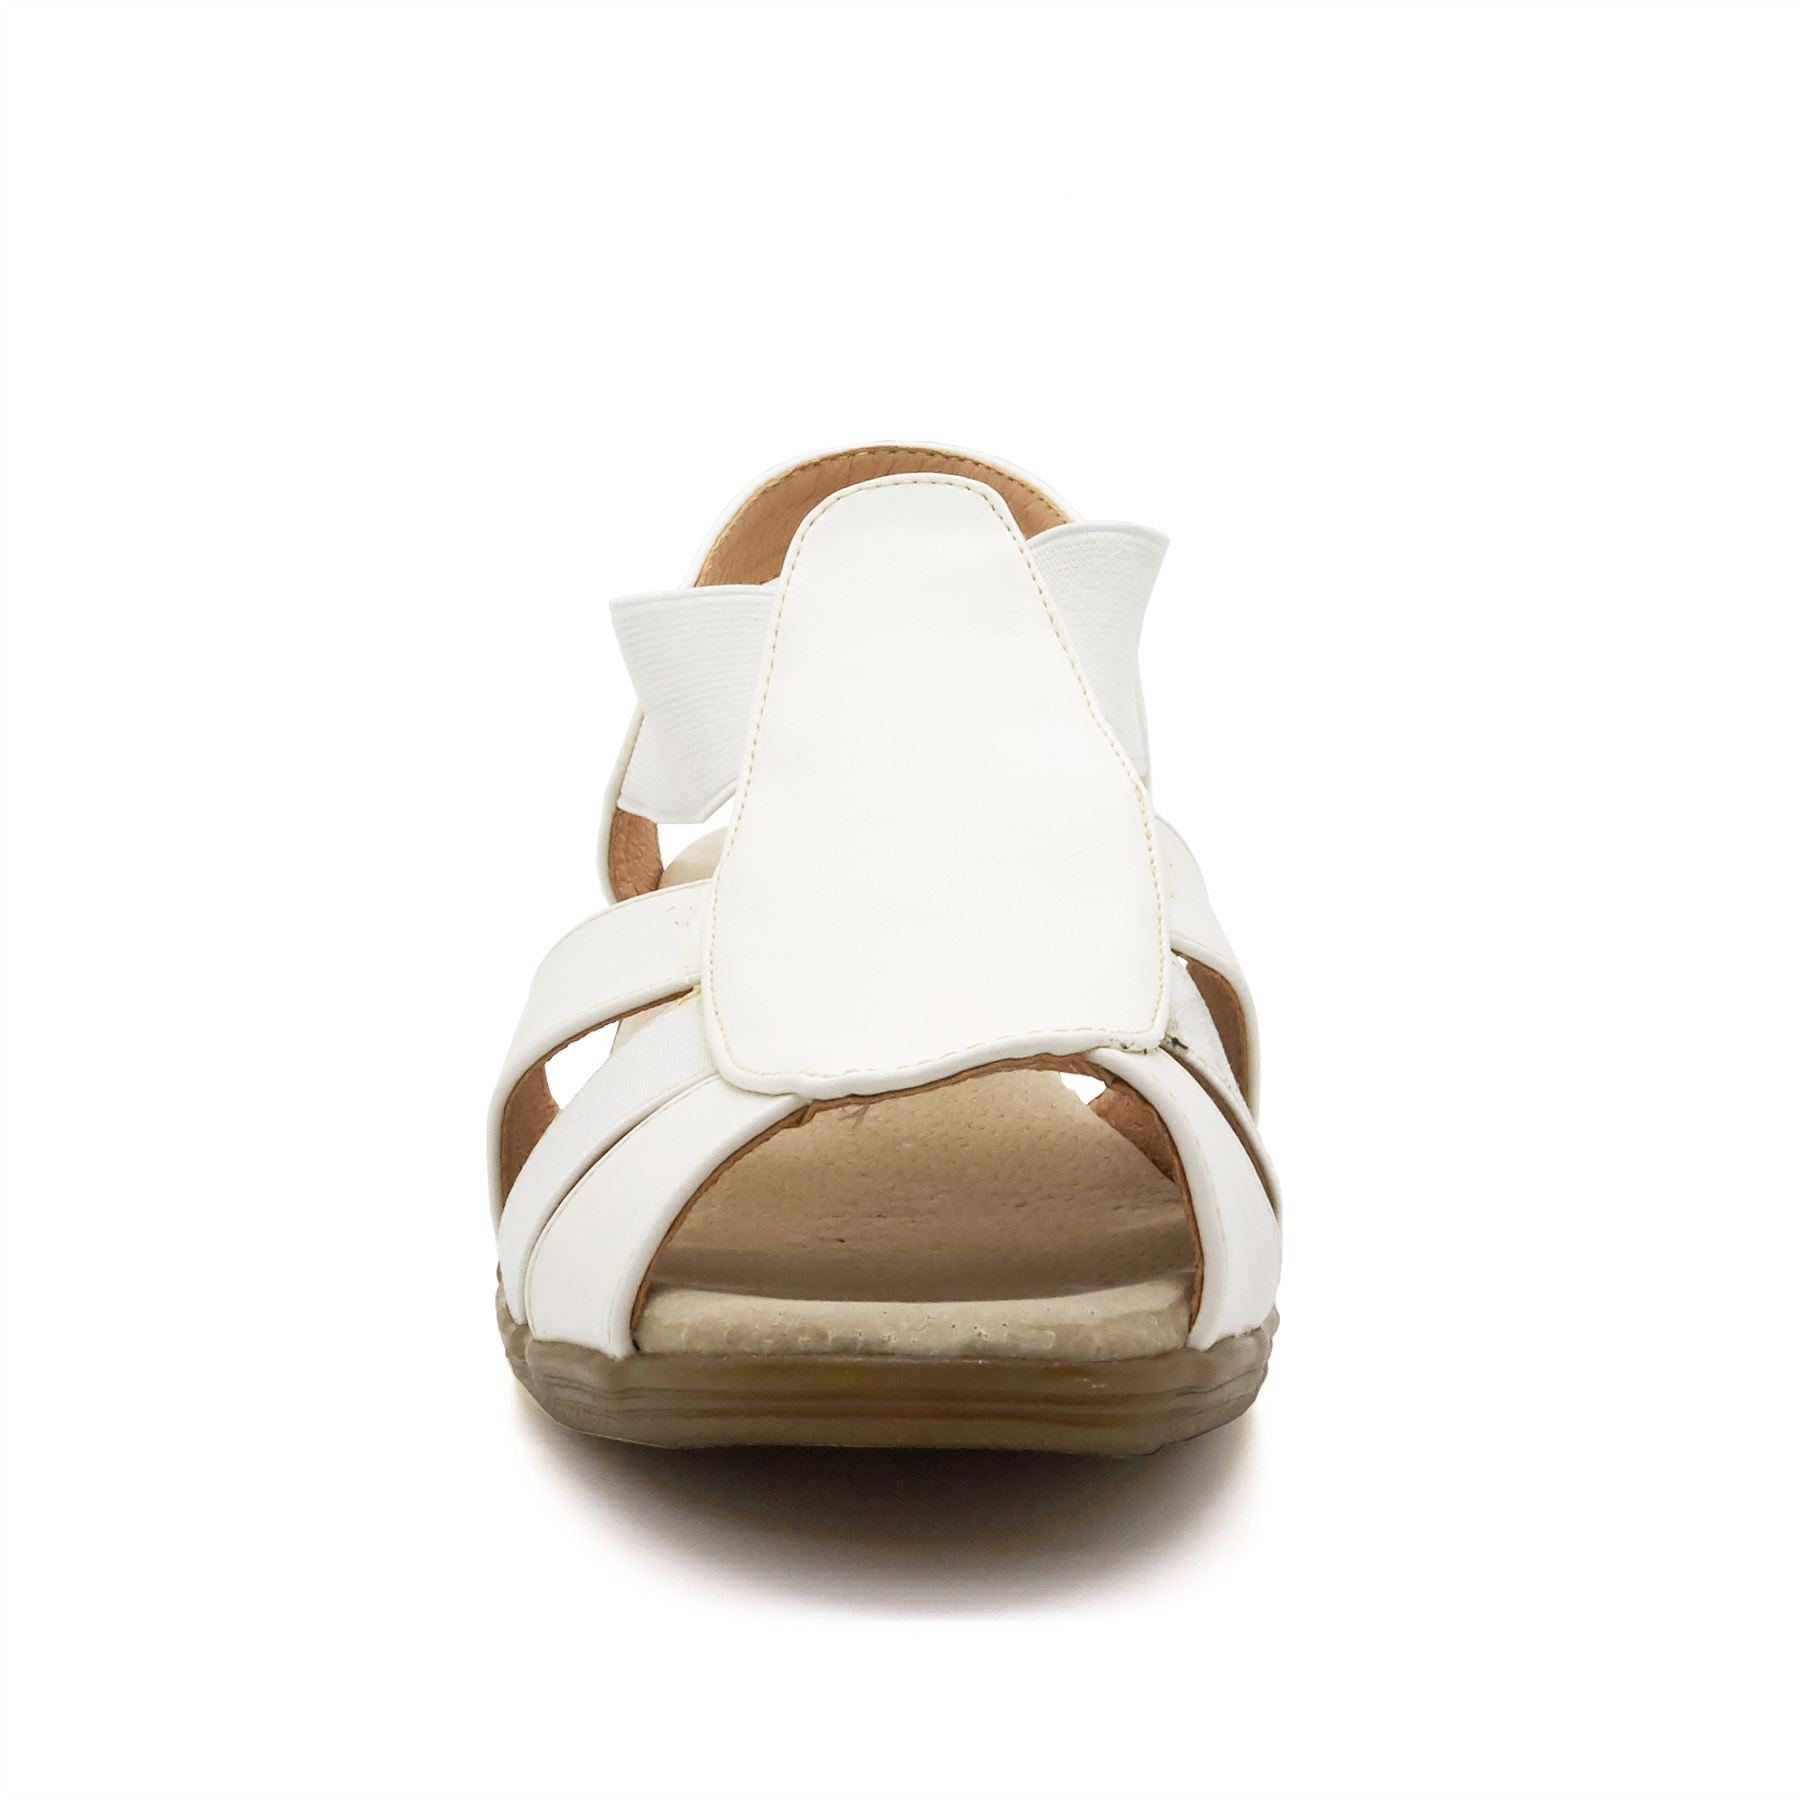 Nouveau Haut Bas Compensé Sandales Toe confort Femme Été Plage Mule à Enfiler